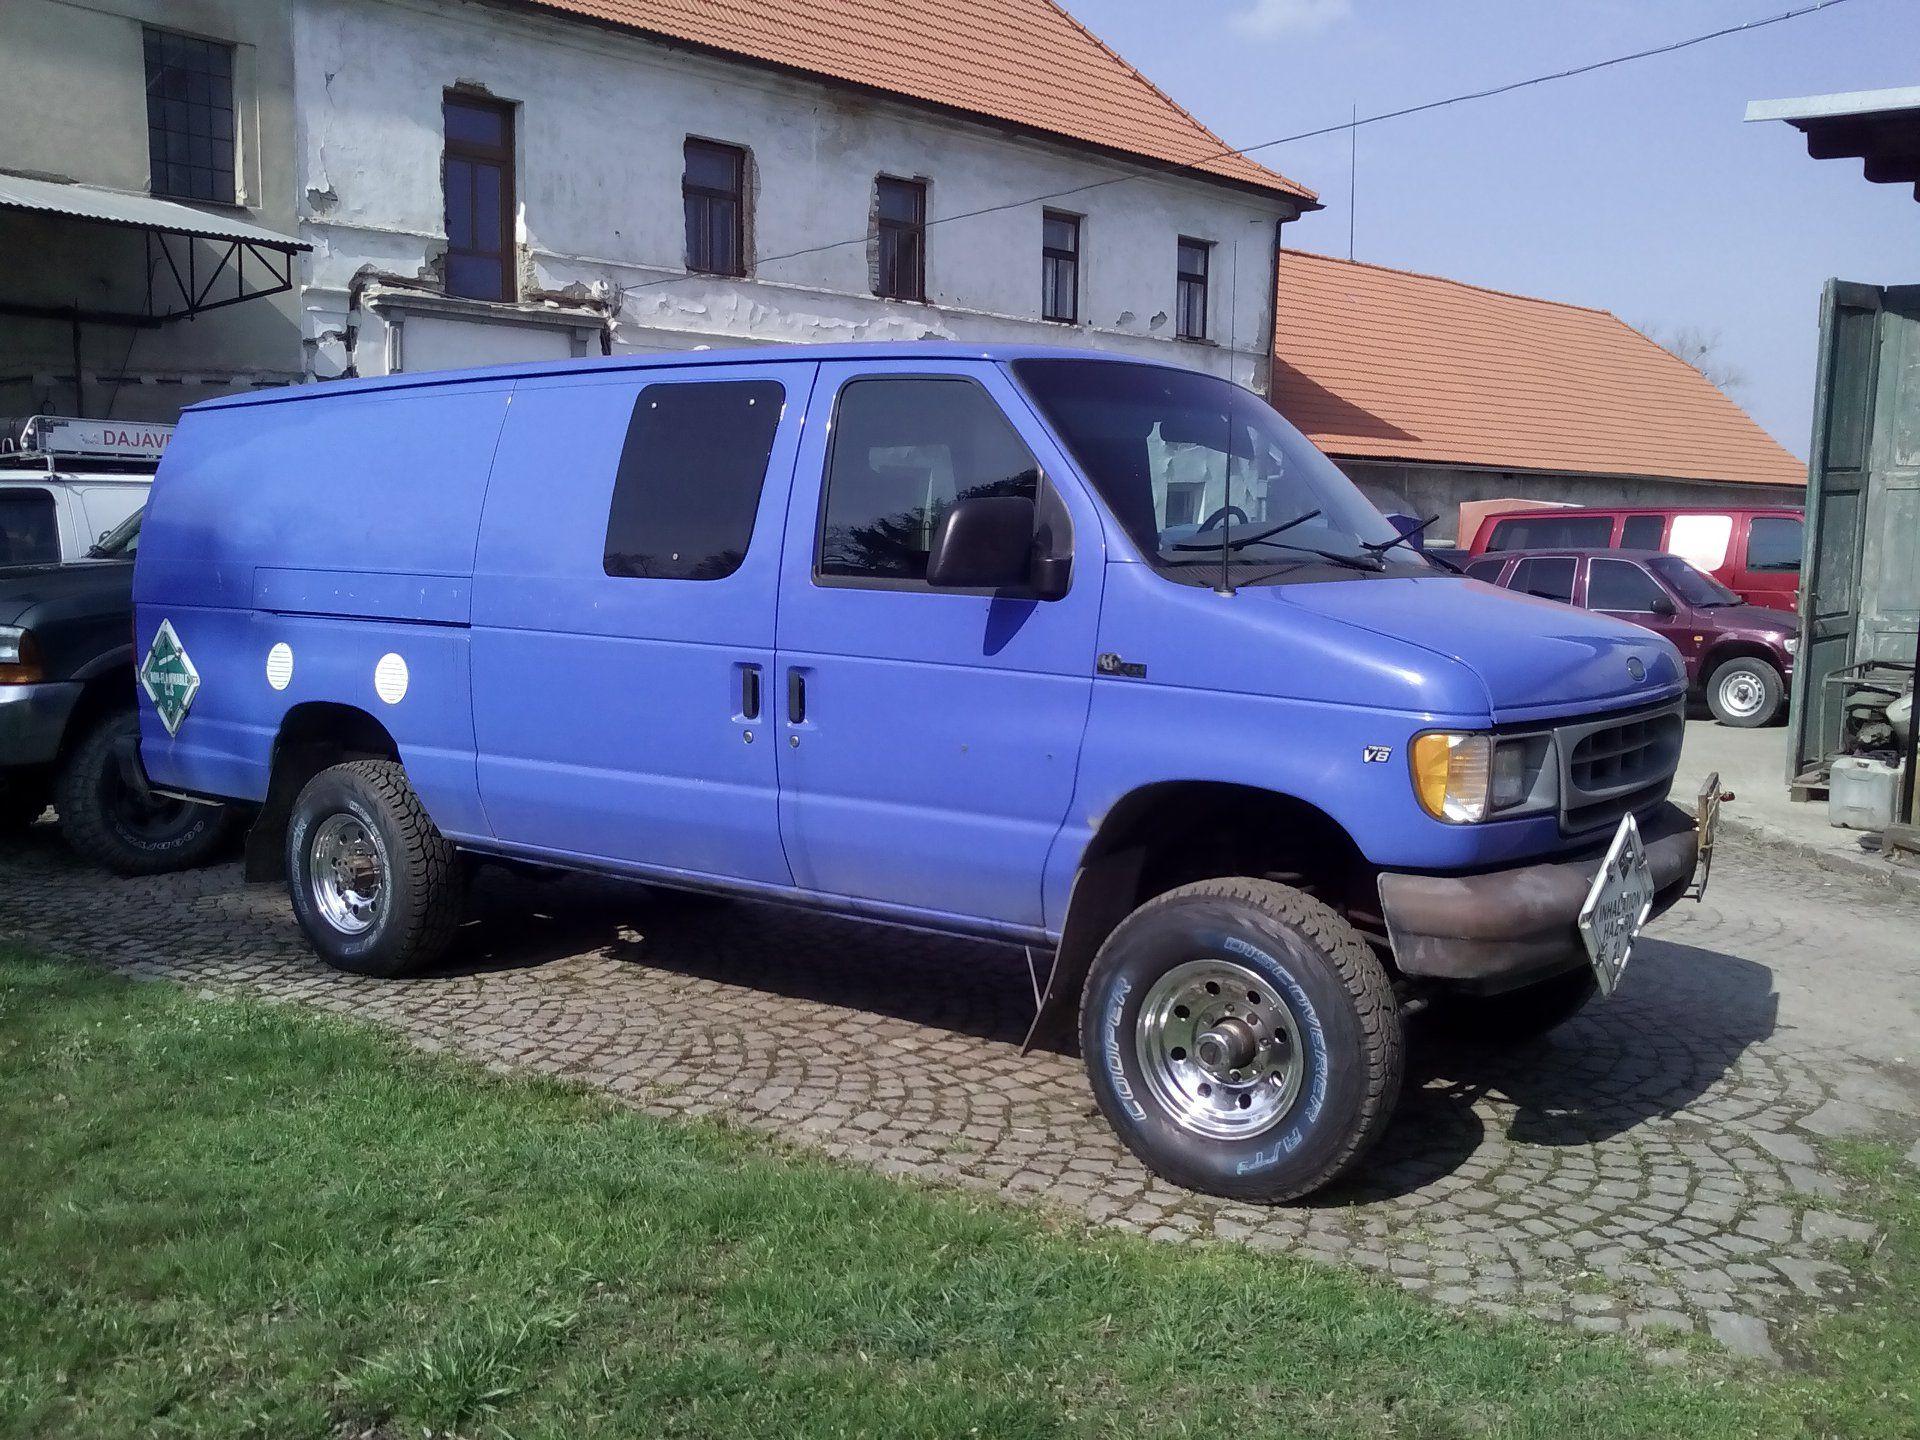 93f395d39d 7) Quigley 4x4 Vans